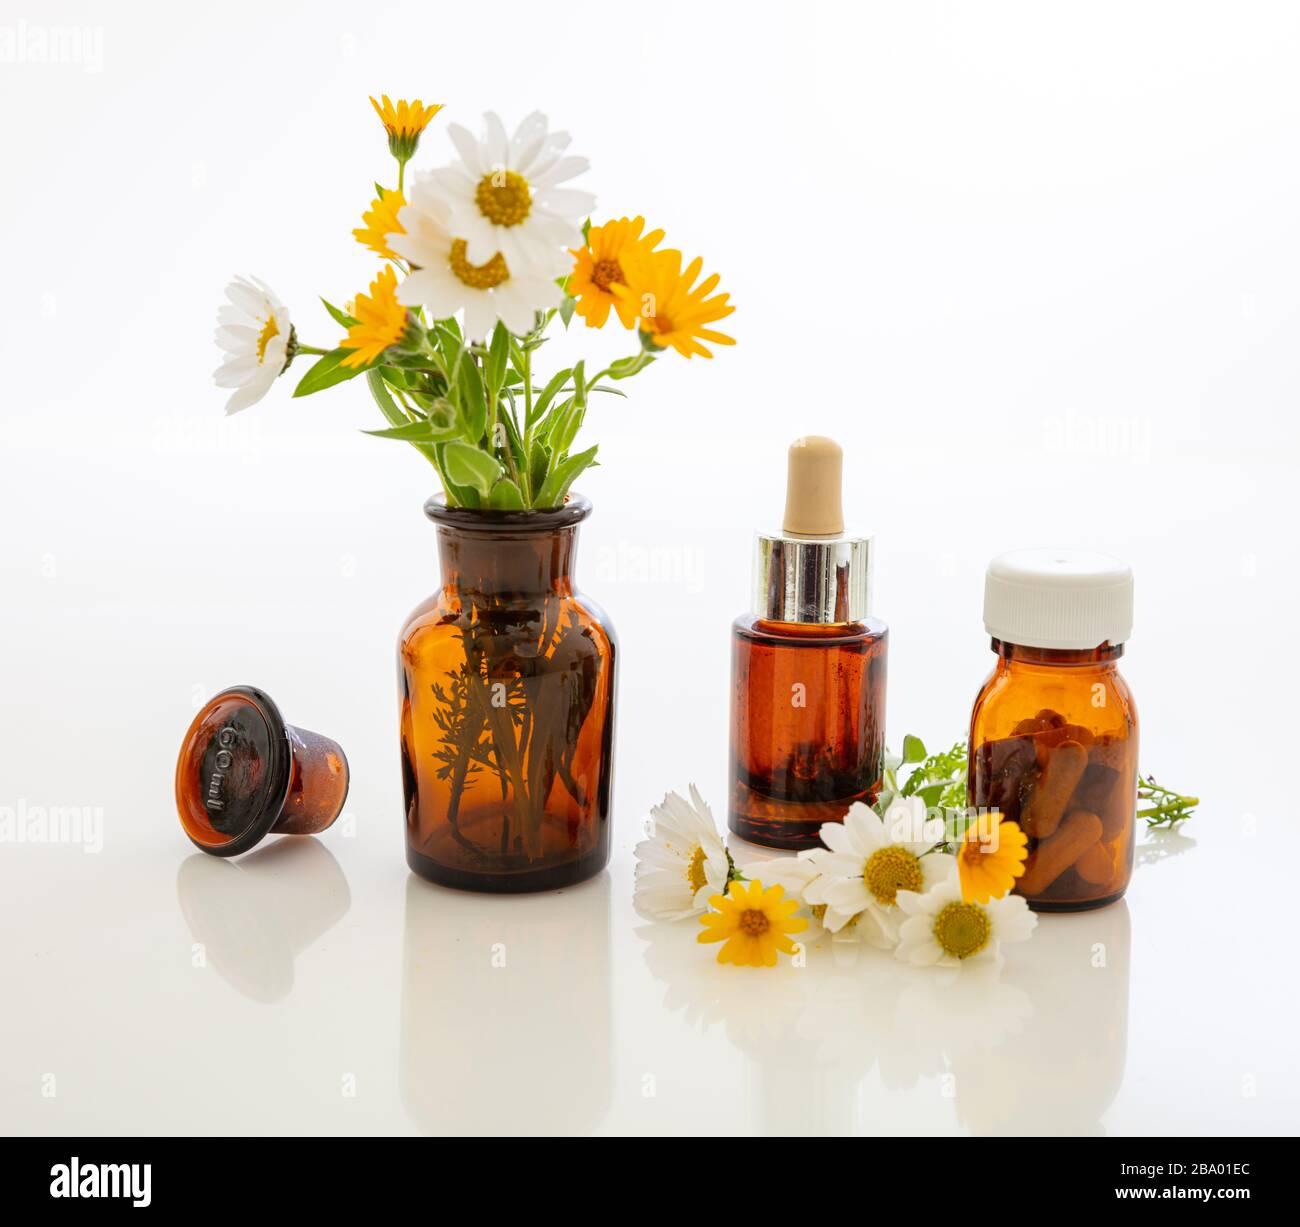 Médecine alternative à base de plantes. Bouteilles médicales en verre et fleurs sauvages fraîches isolées sur fond blanc. Huile essentielle, cosmétiques, médicaments contai Banque D'Images